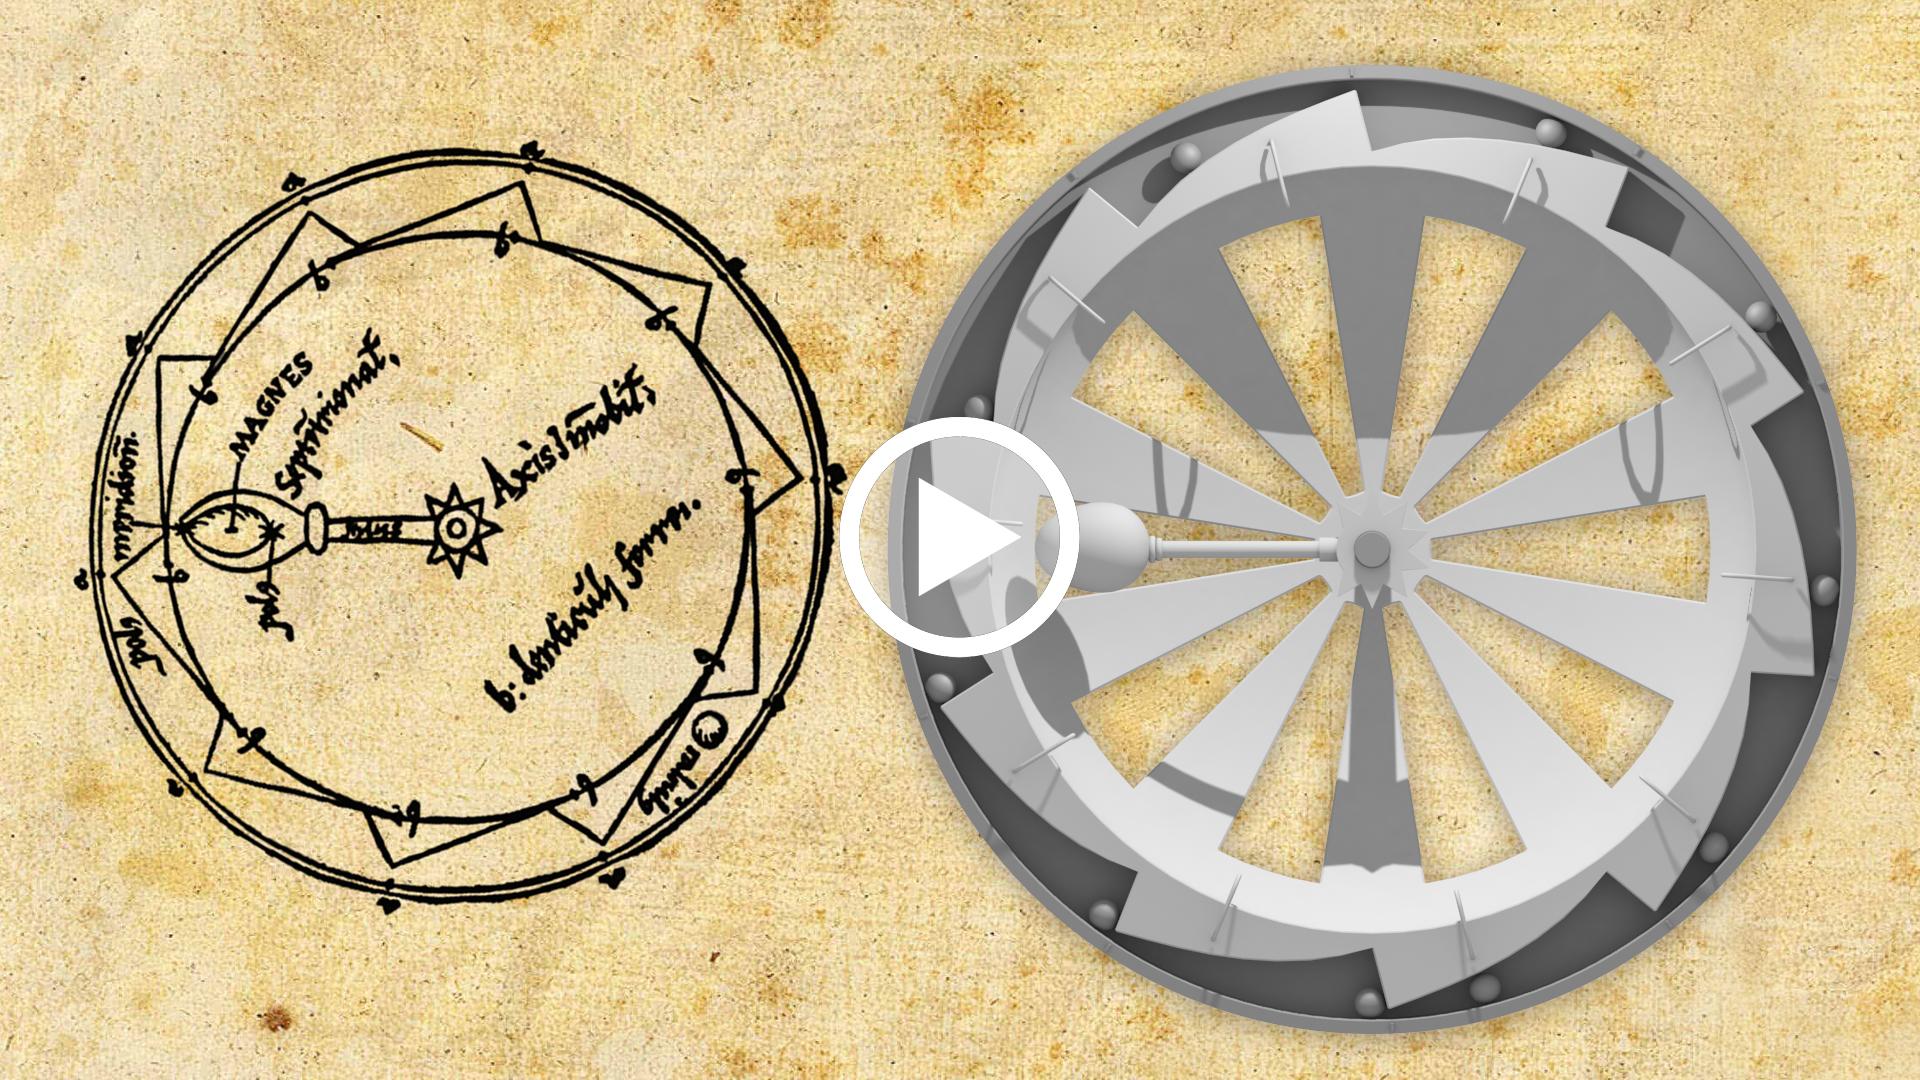 video Pierre de Maricourt, Rota perpetui motus